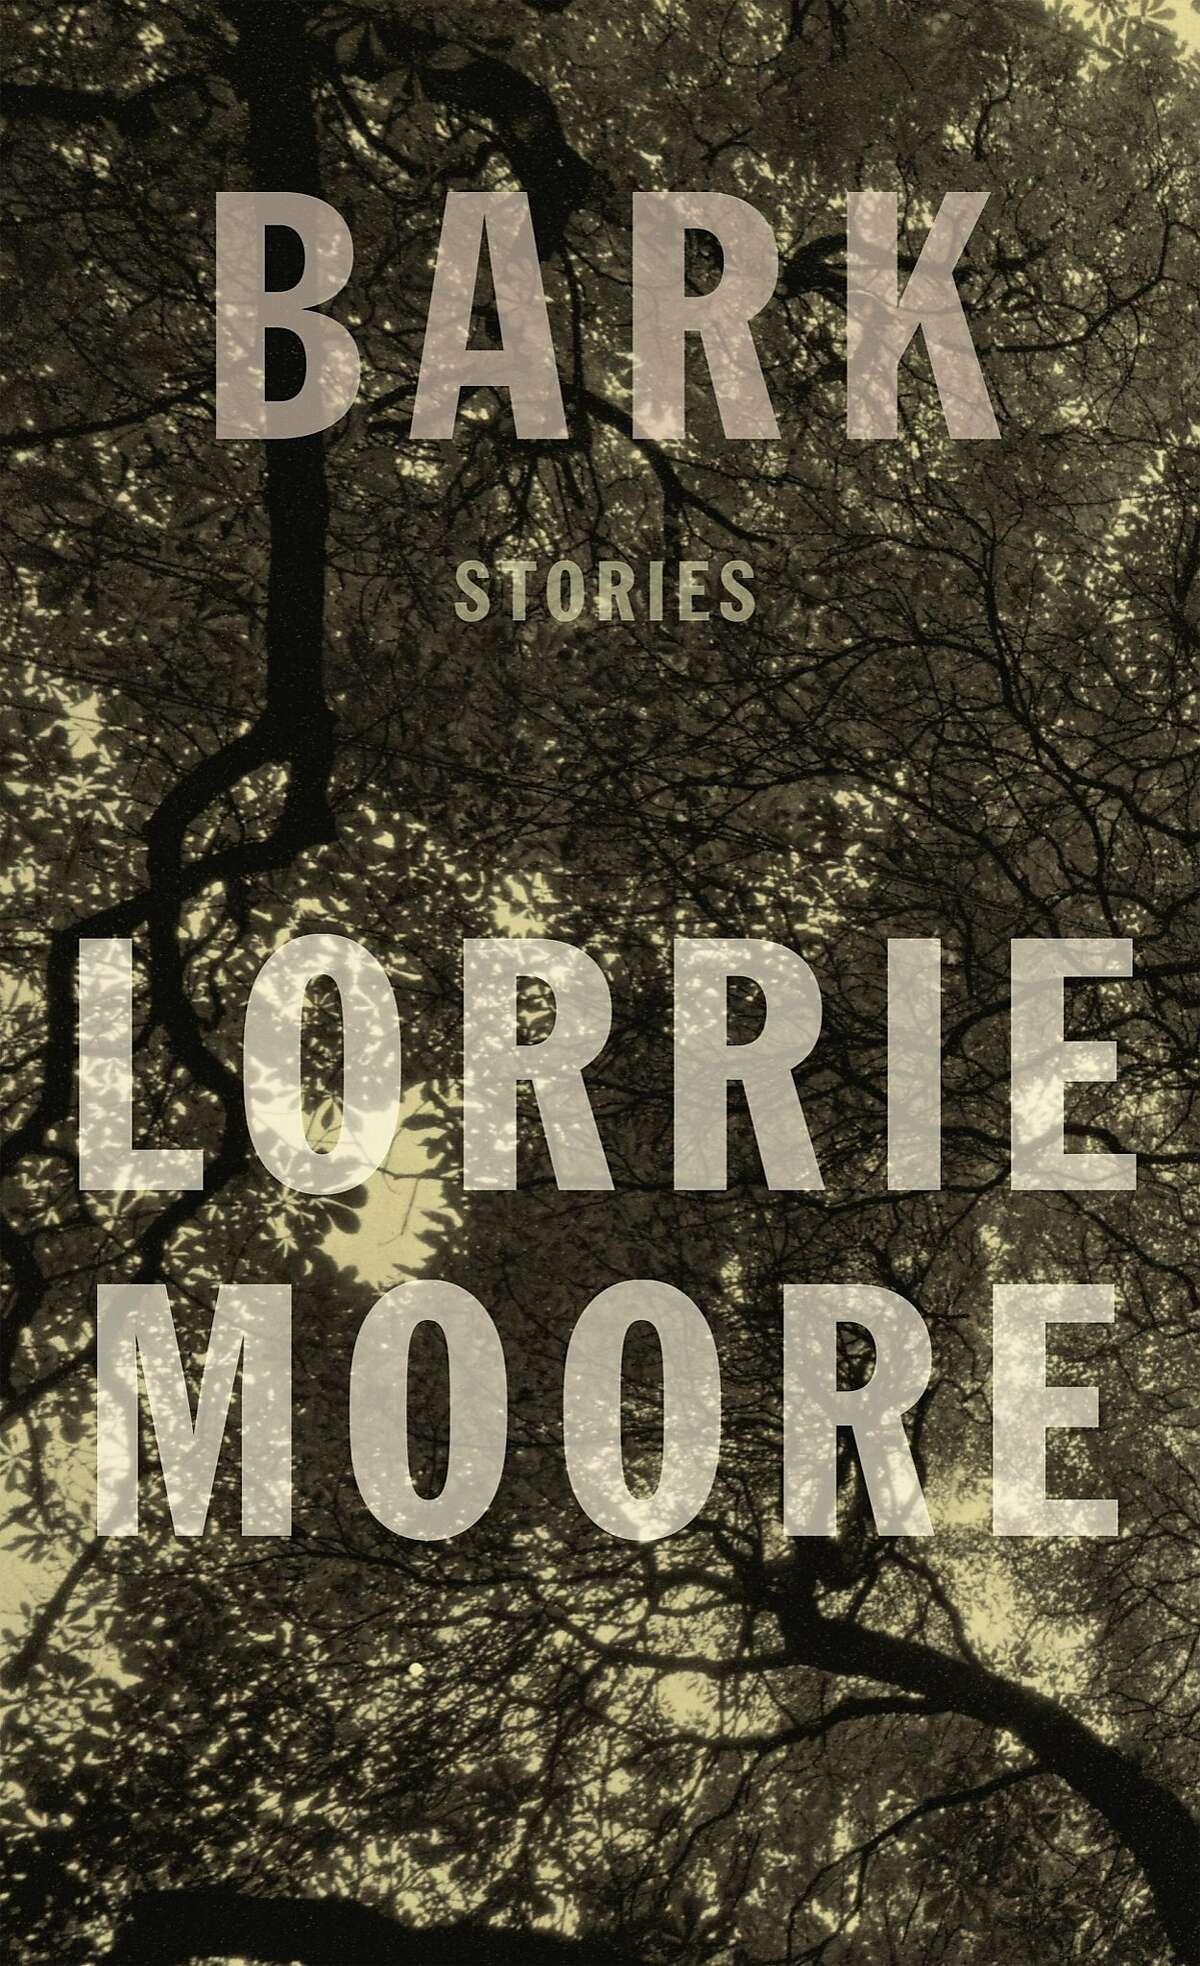 Bark: Stories, by Lorrie Moore